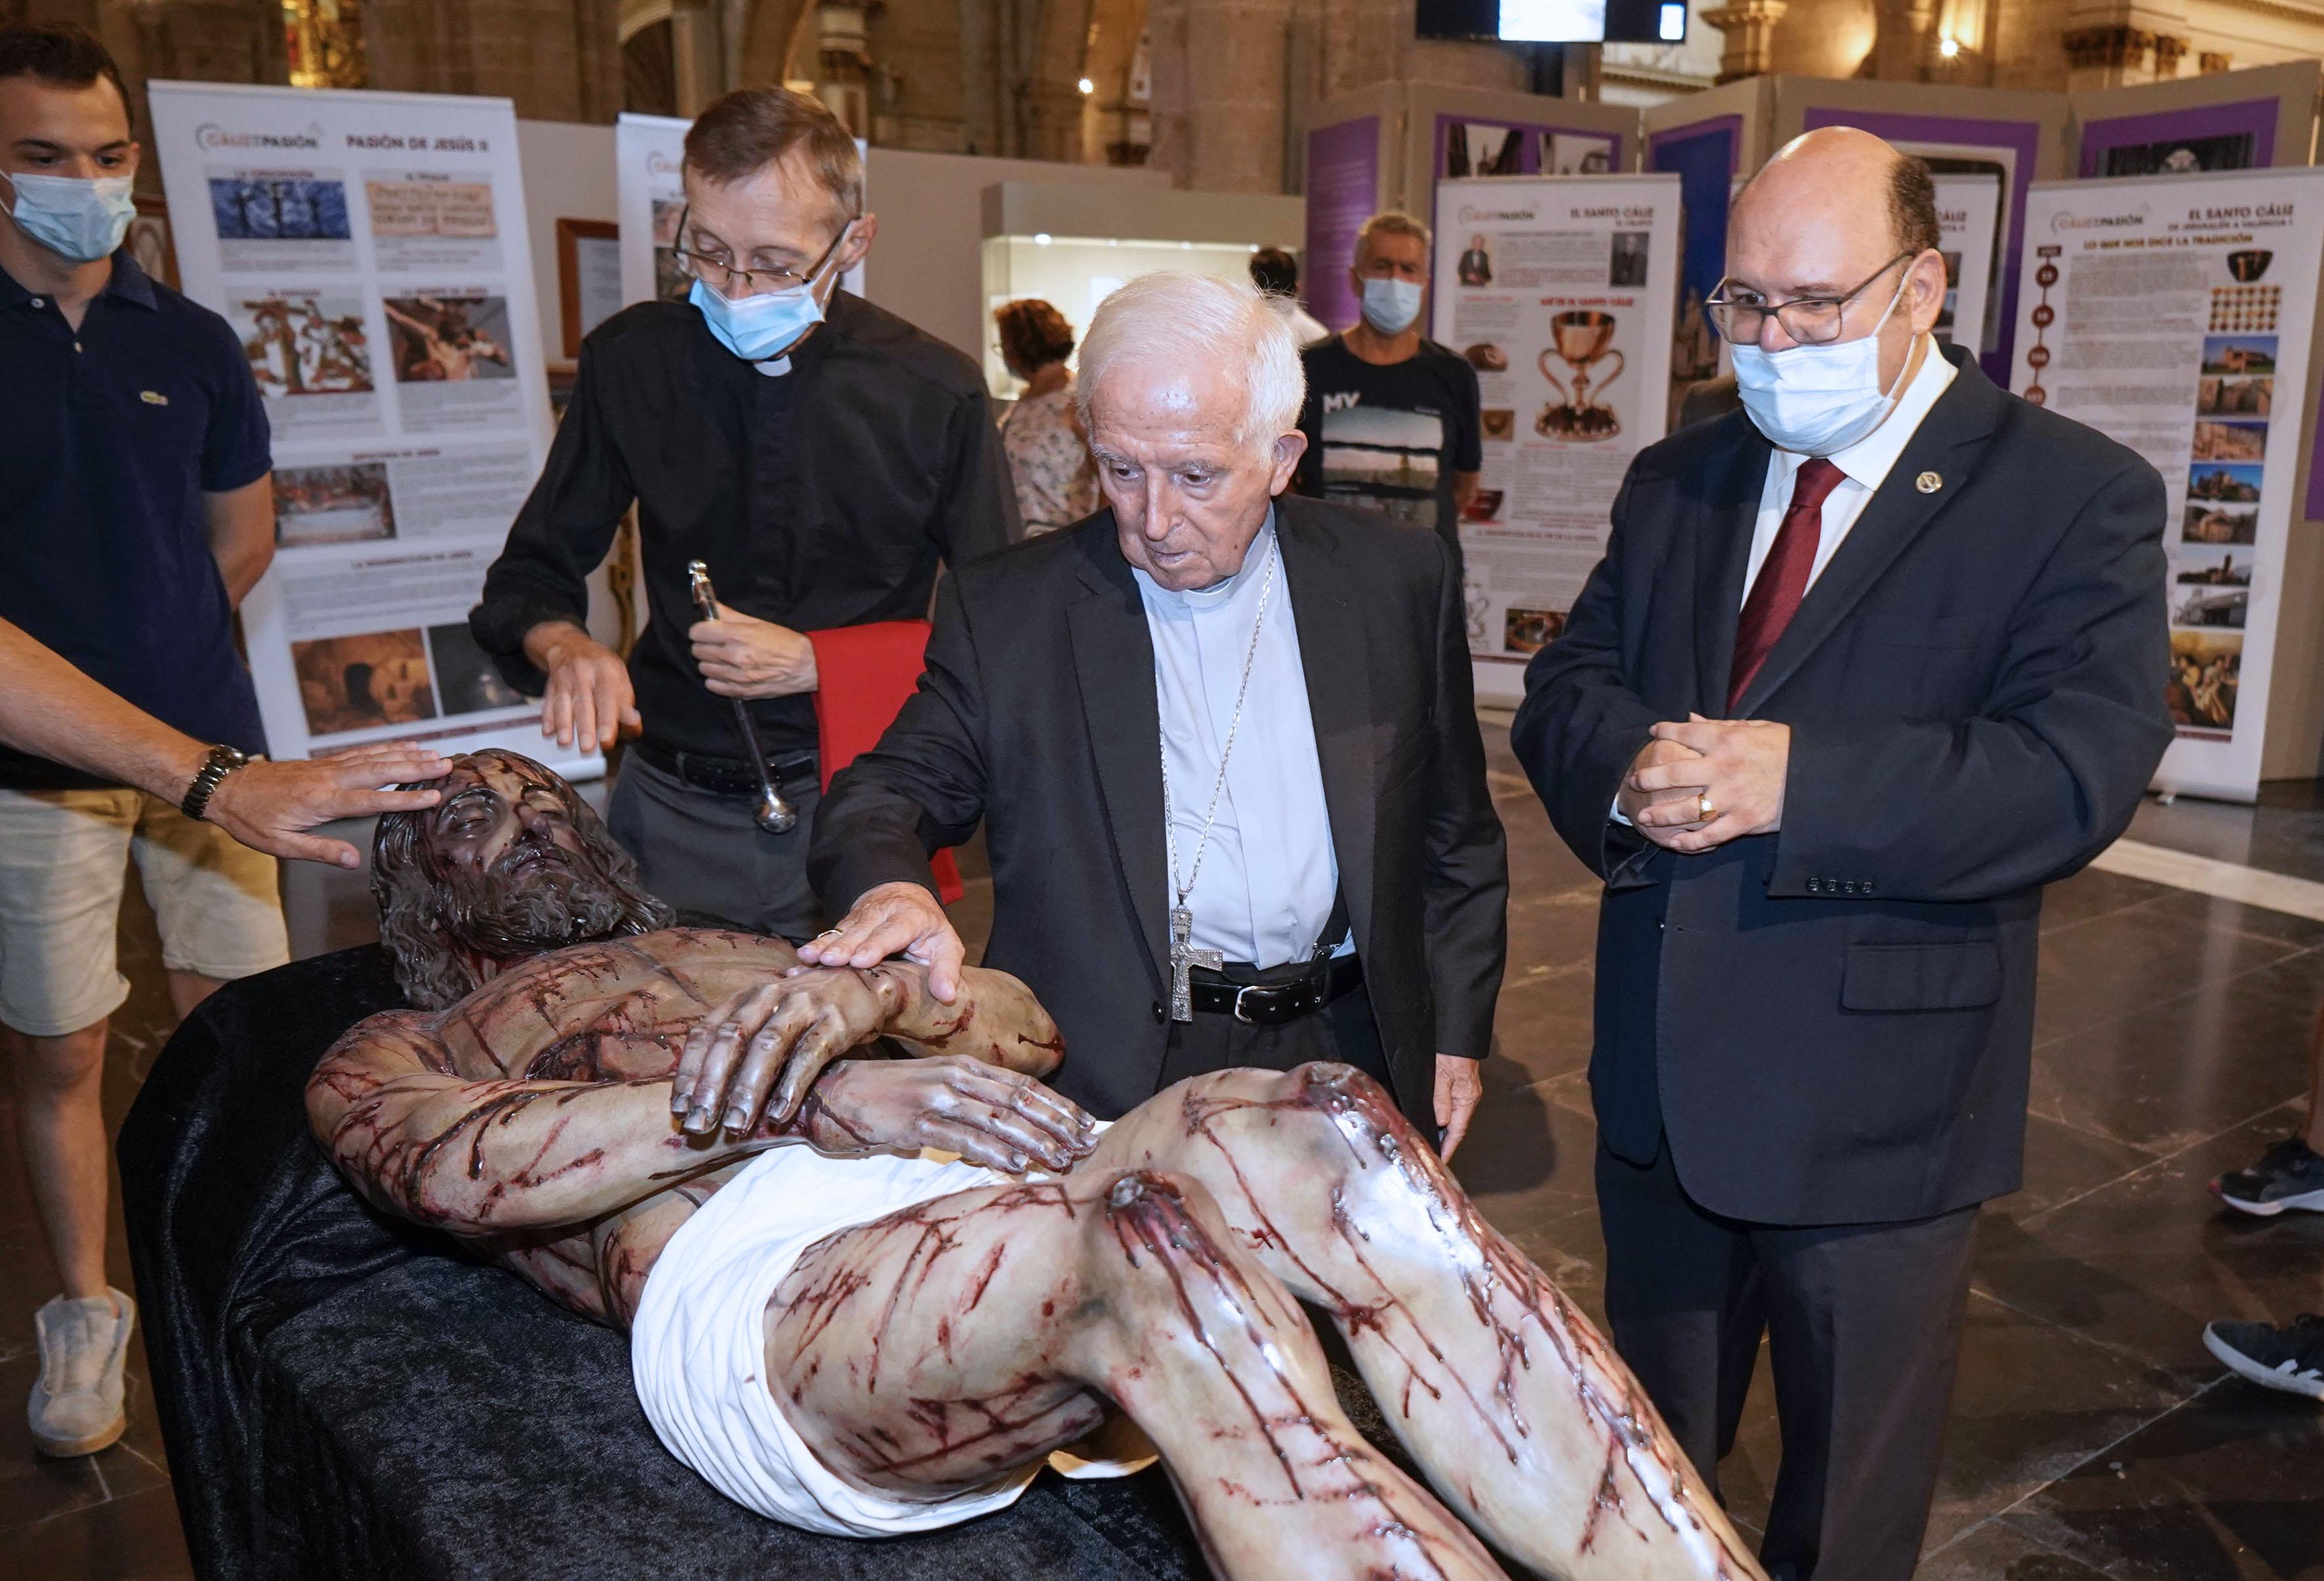 Bendición de la exposición por parte del cardenal Cañizares.